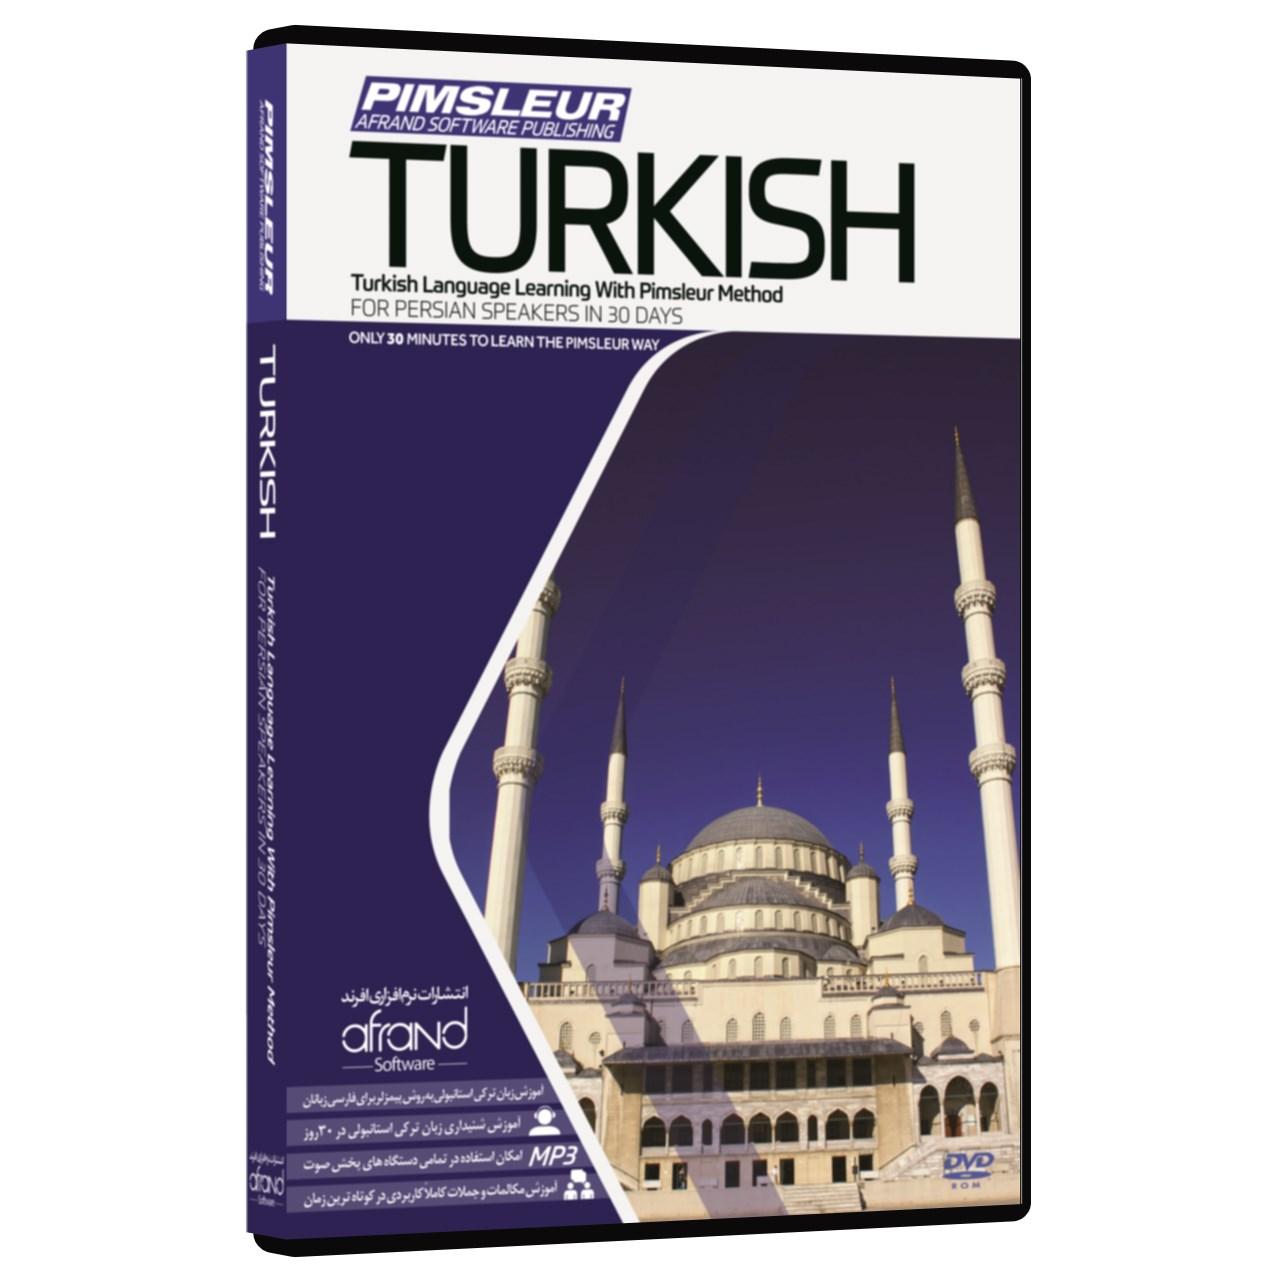 نرم افزار صوتی آموزش زبان ترکی استانبولی پیمزلِر انتشارات نرم افزاری افرند